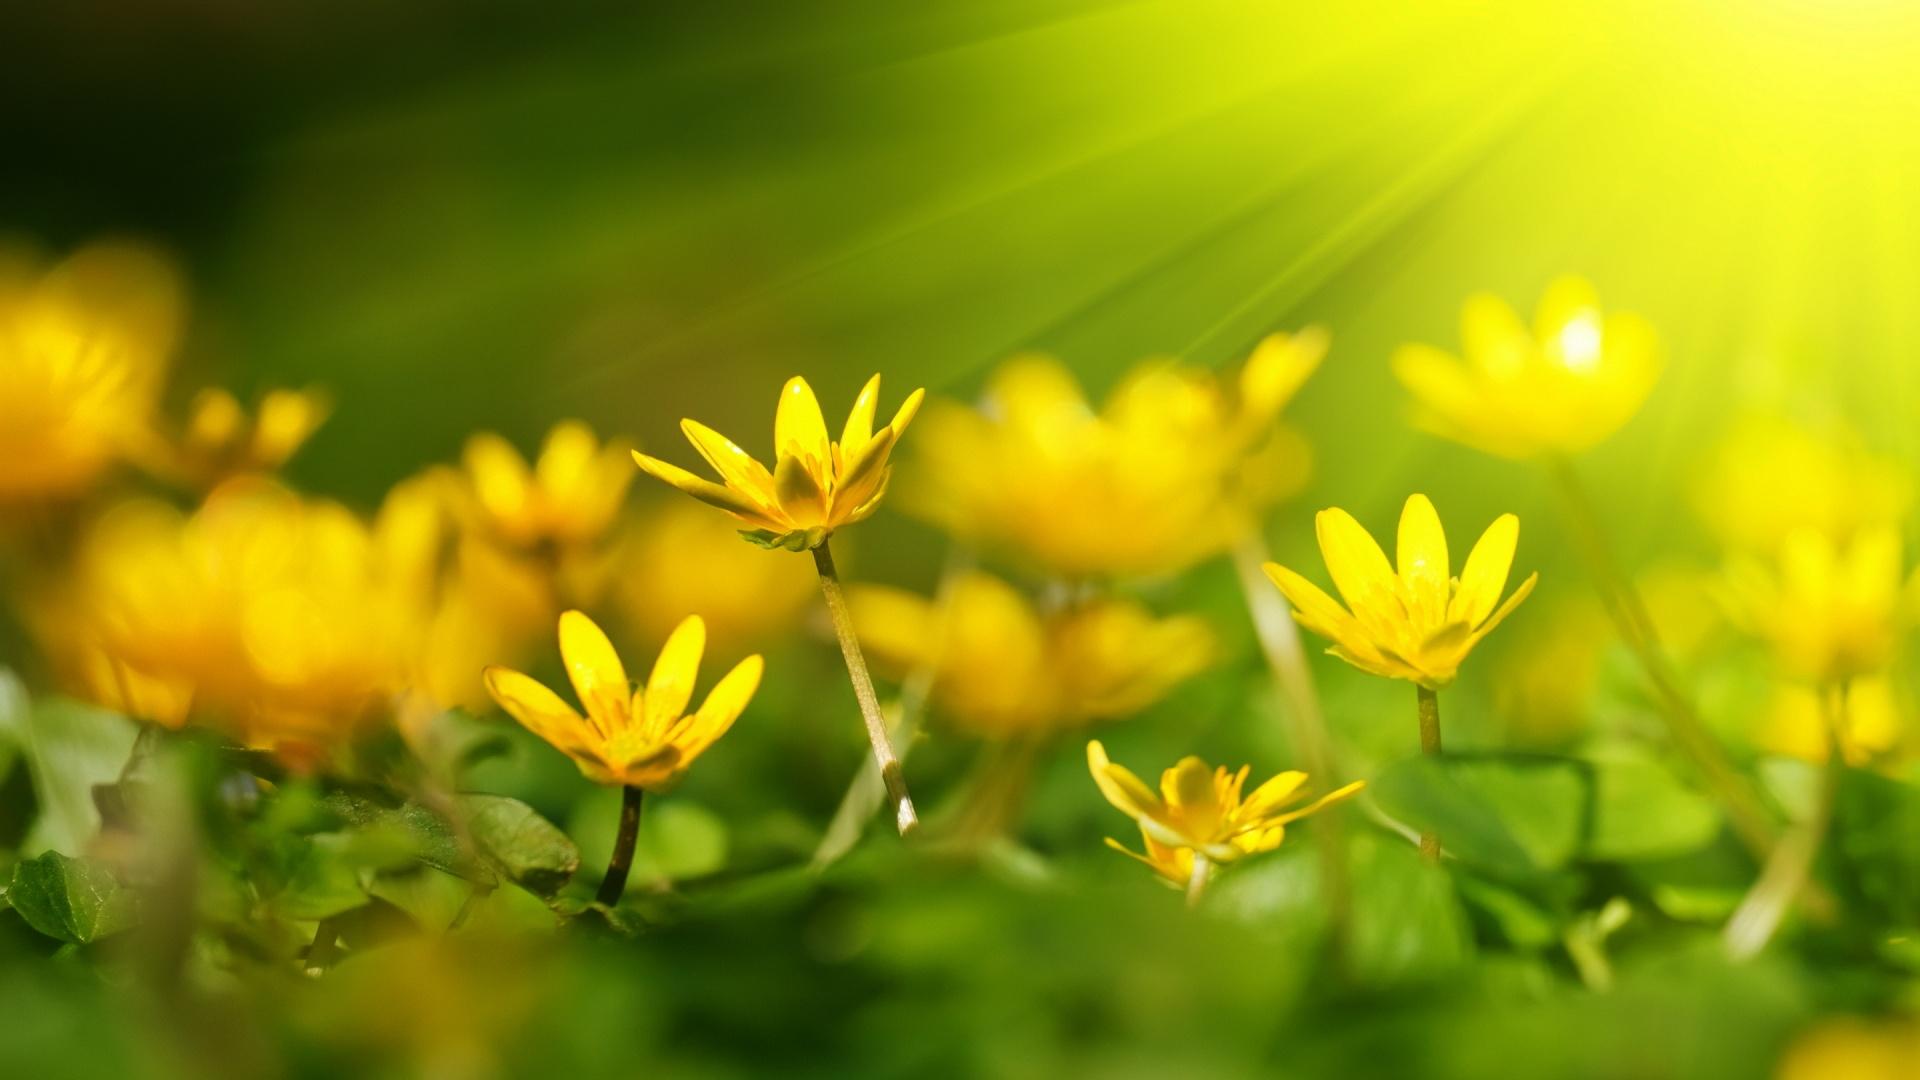 Hd wallpaper yellow flowers - Hd Wallpaper Yellow Flowers 65